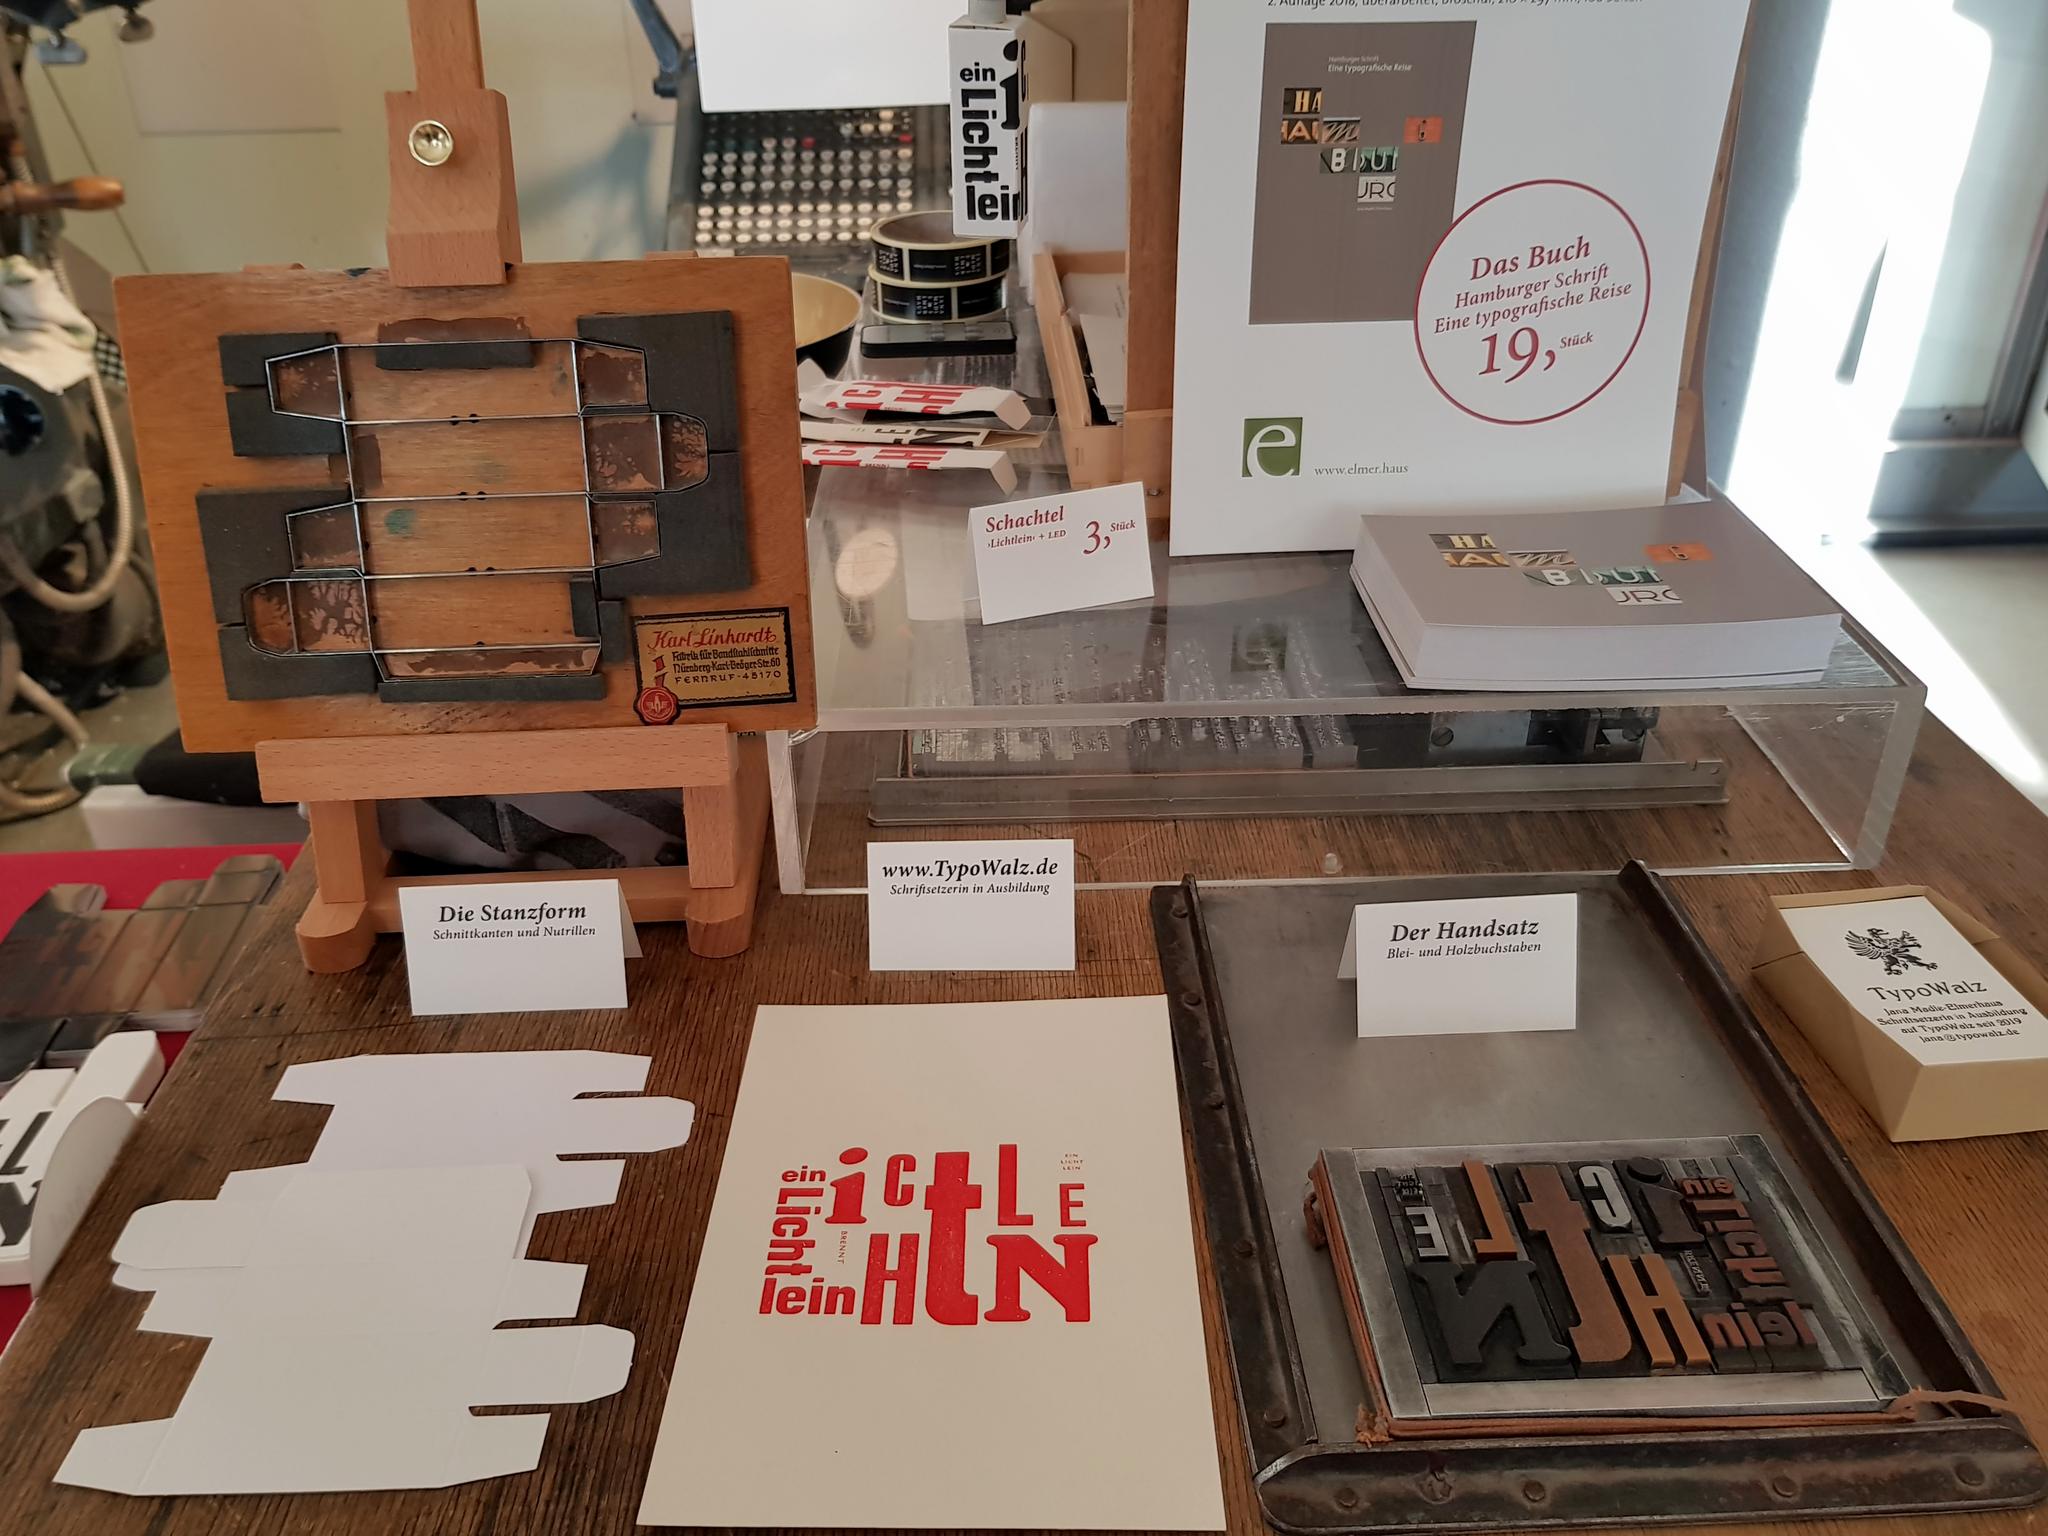 ausgestellten Arbeiten der TypoWalz ist unser ...